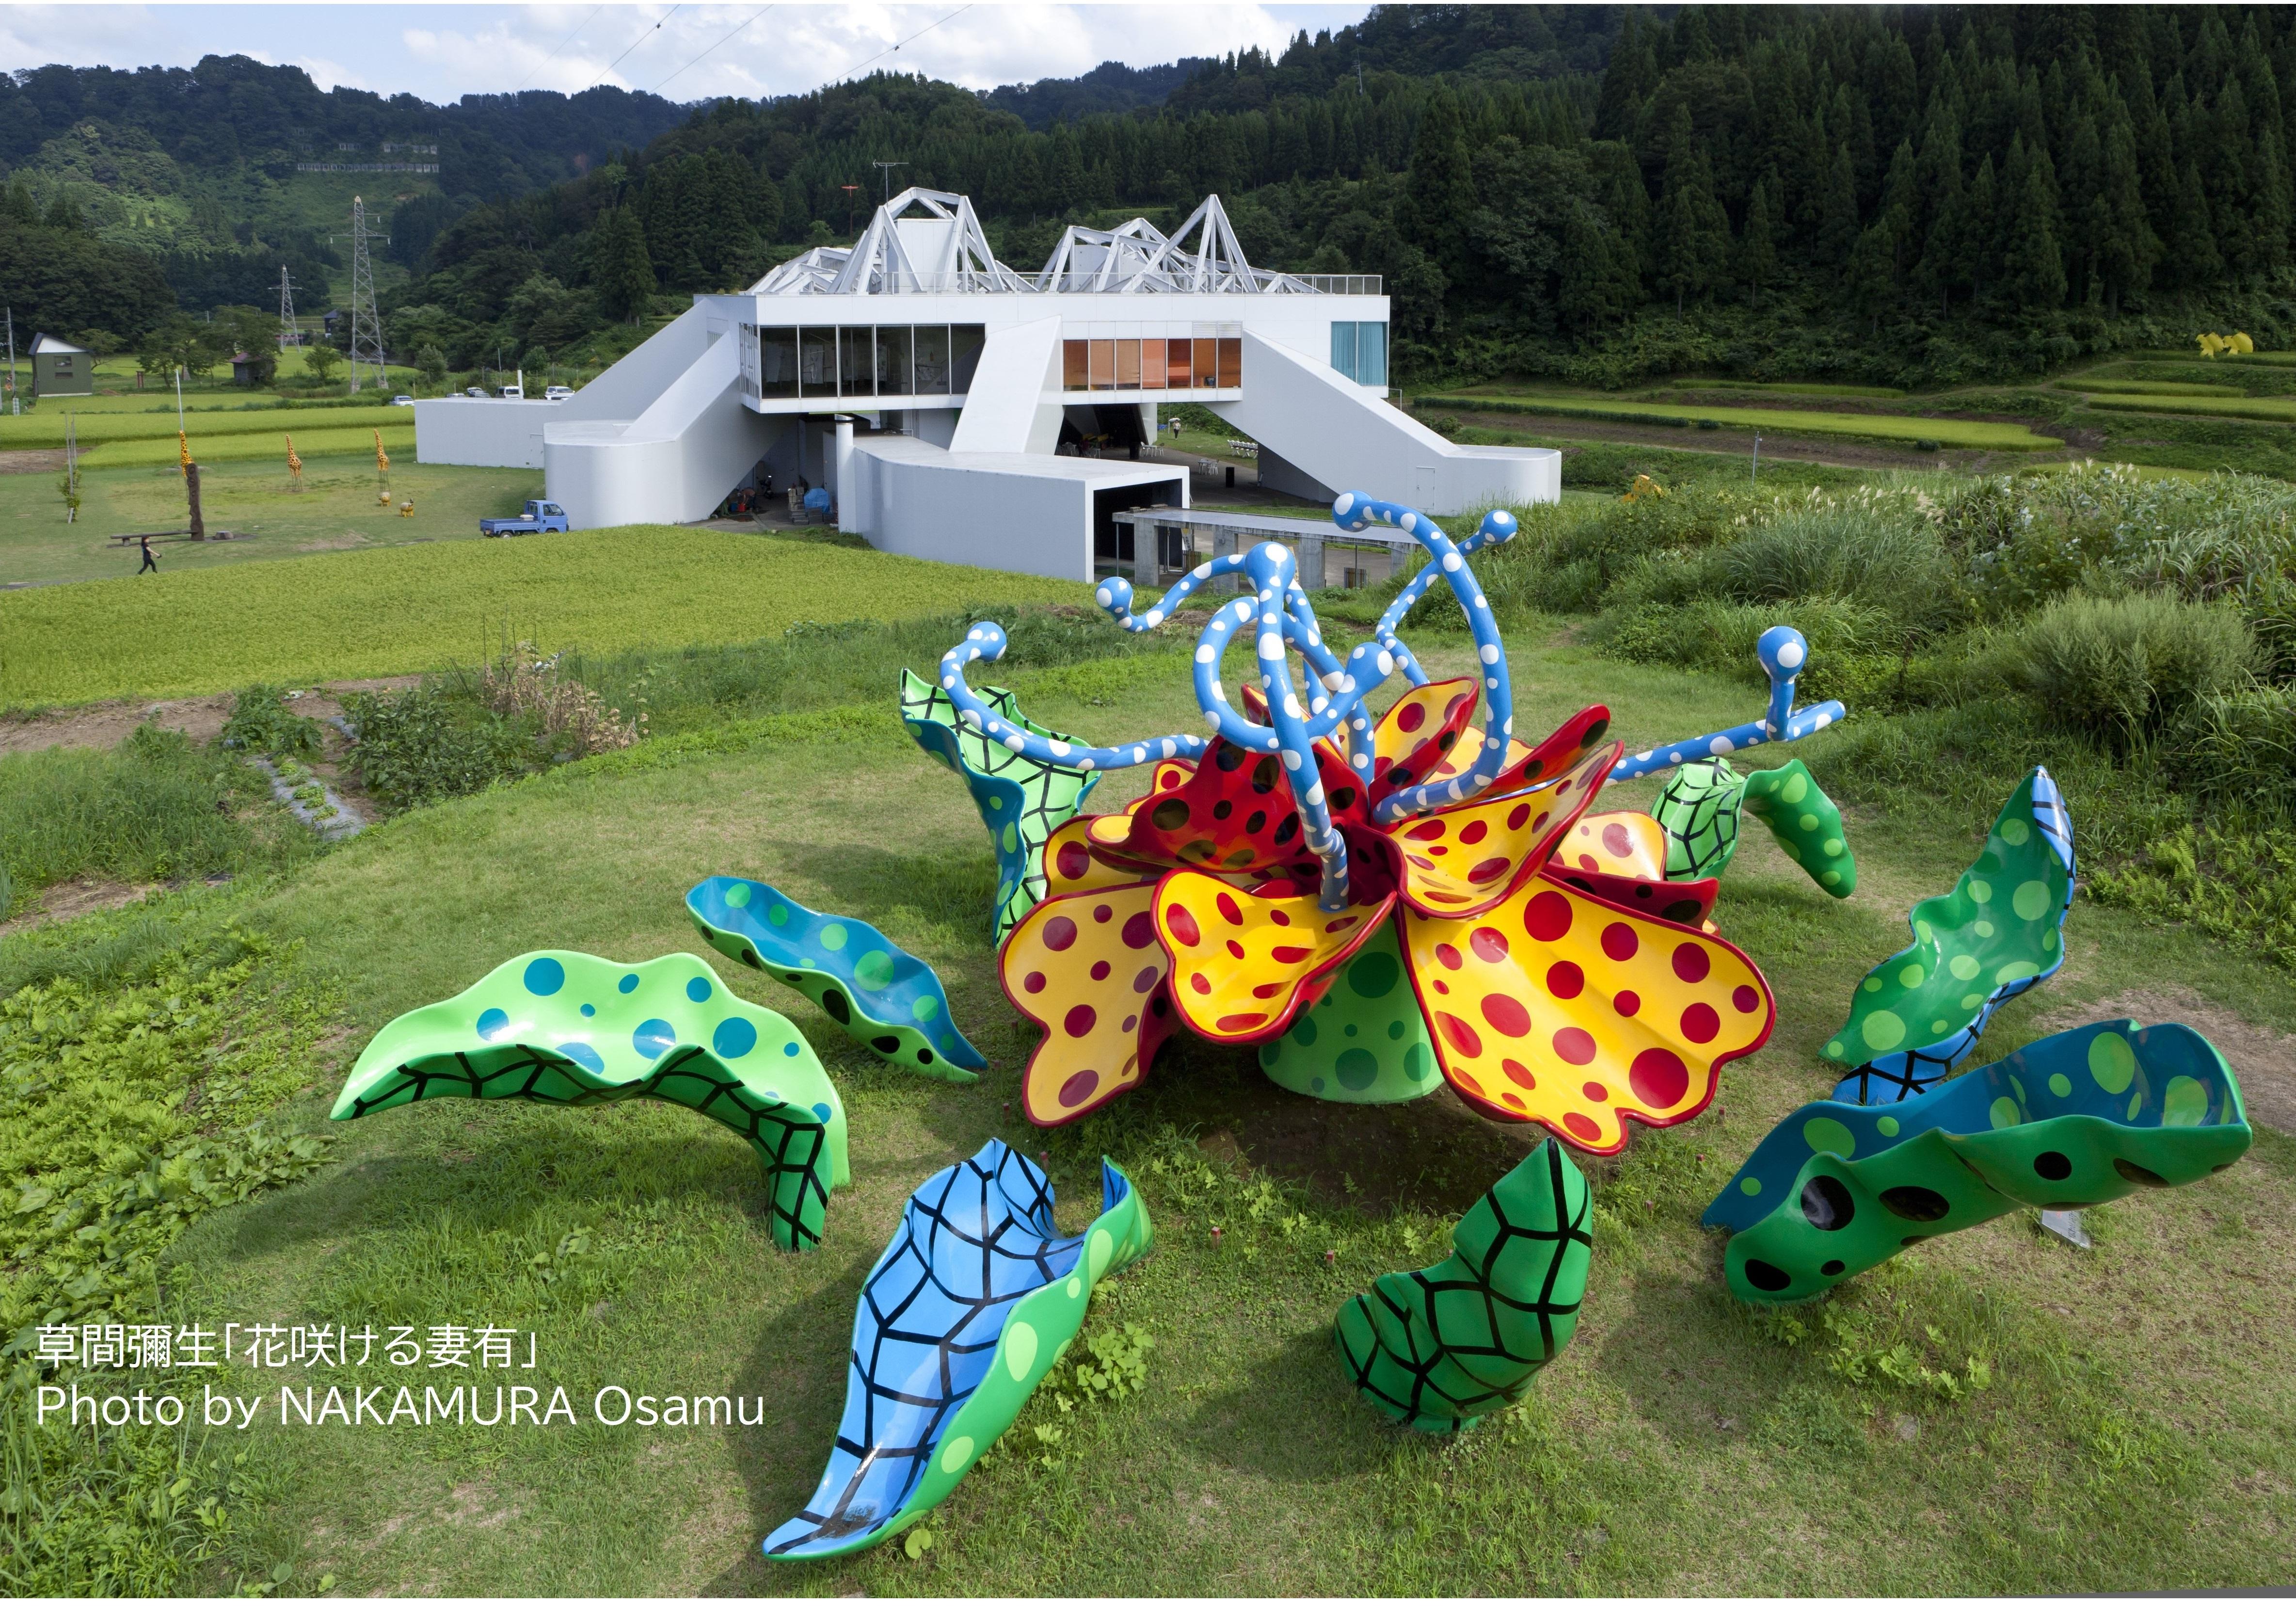 新潟県・十日町市の人気観光スポットやグルメを紹介!自然やアートなど魅力が沢山!